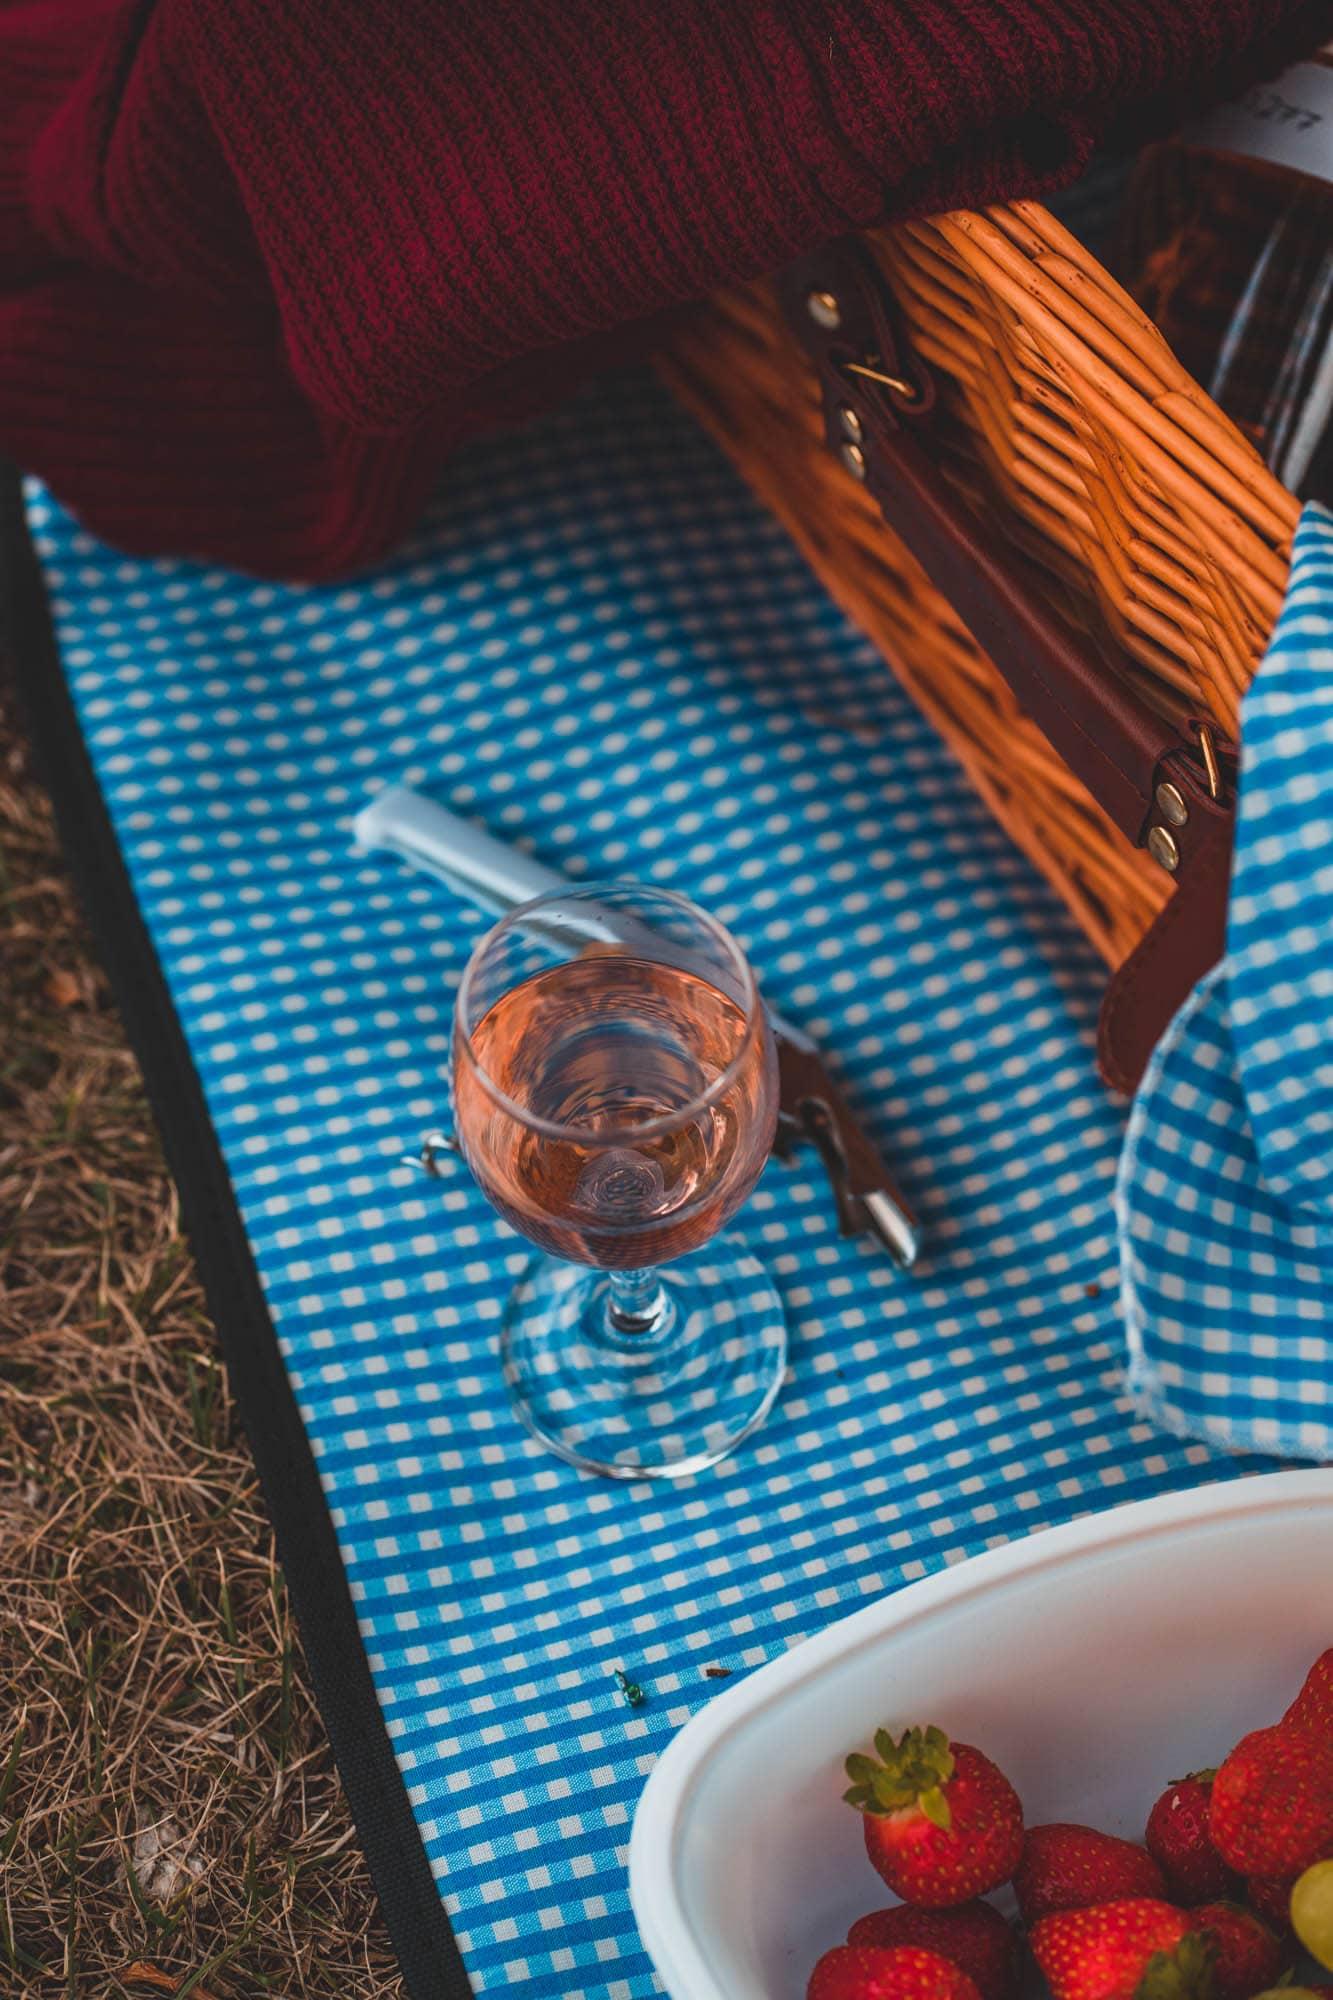 Spätsommer Picknick à la Provence in Köln: Roséweine und leckere Kleinigkeiten to Go